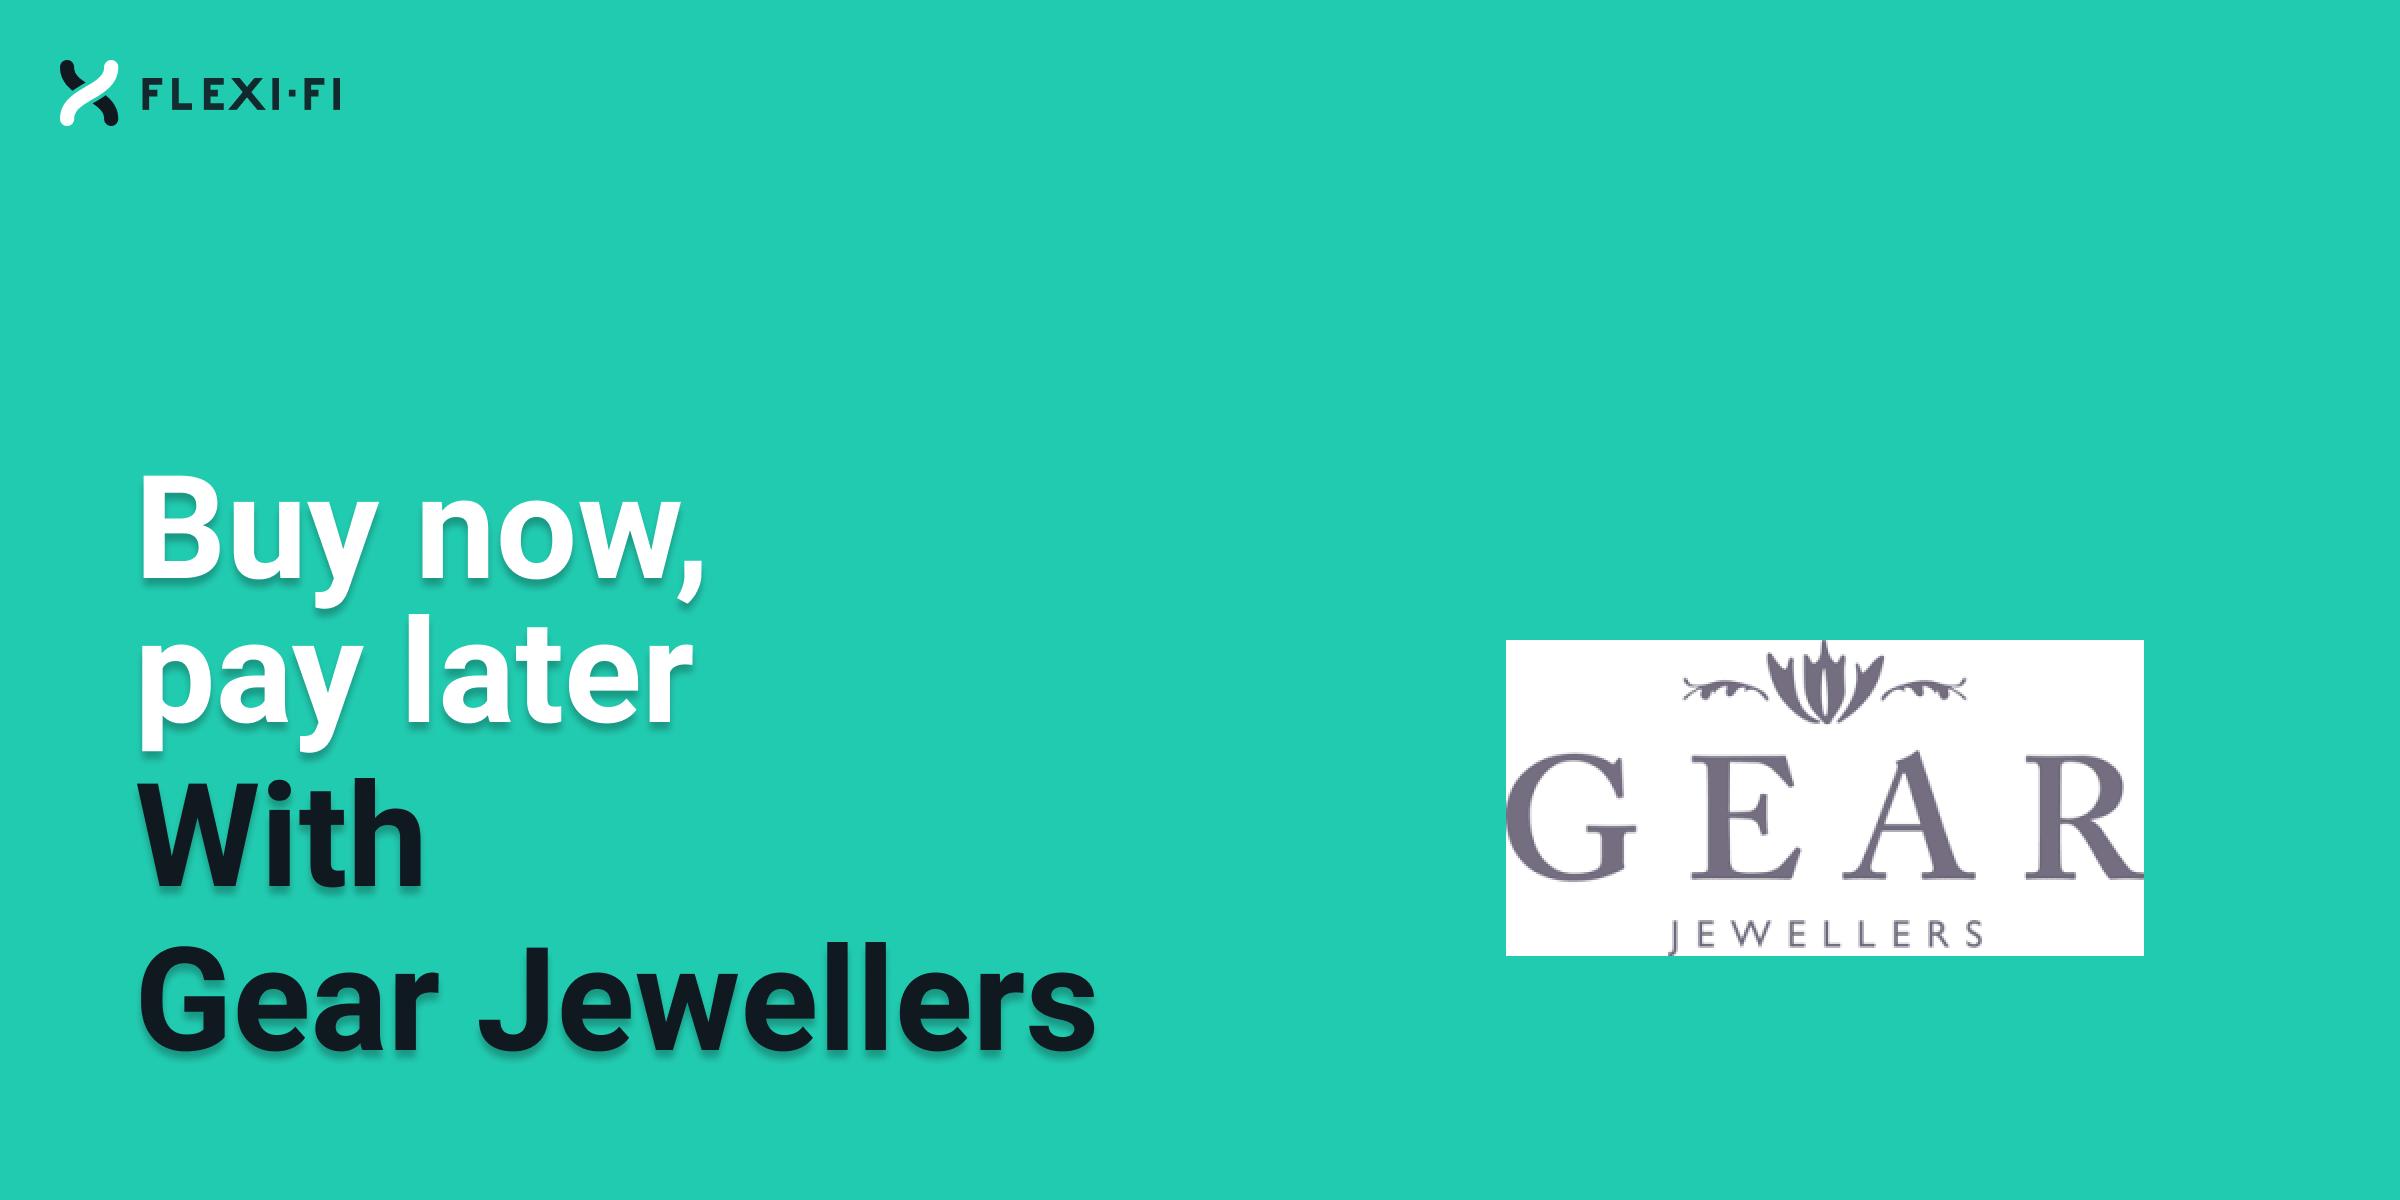 Gear Jewellers